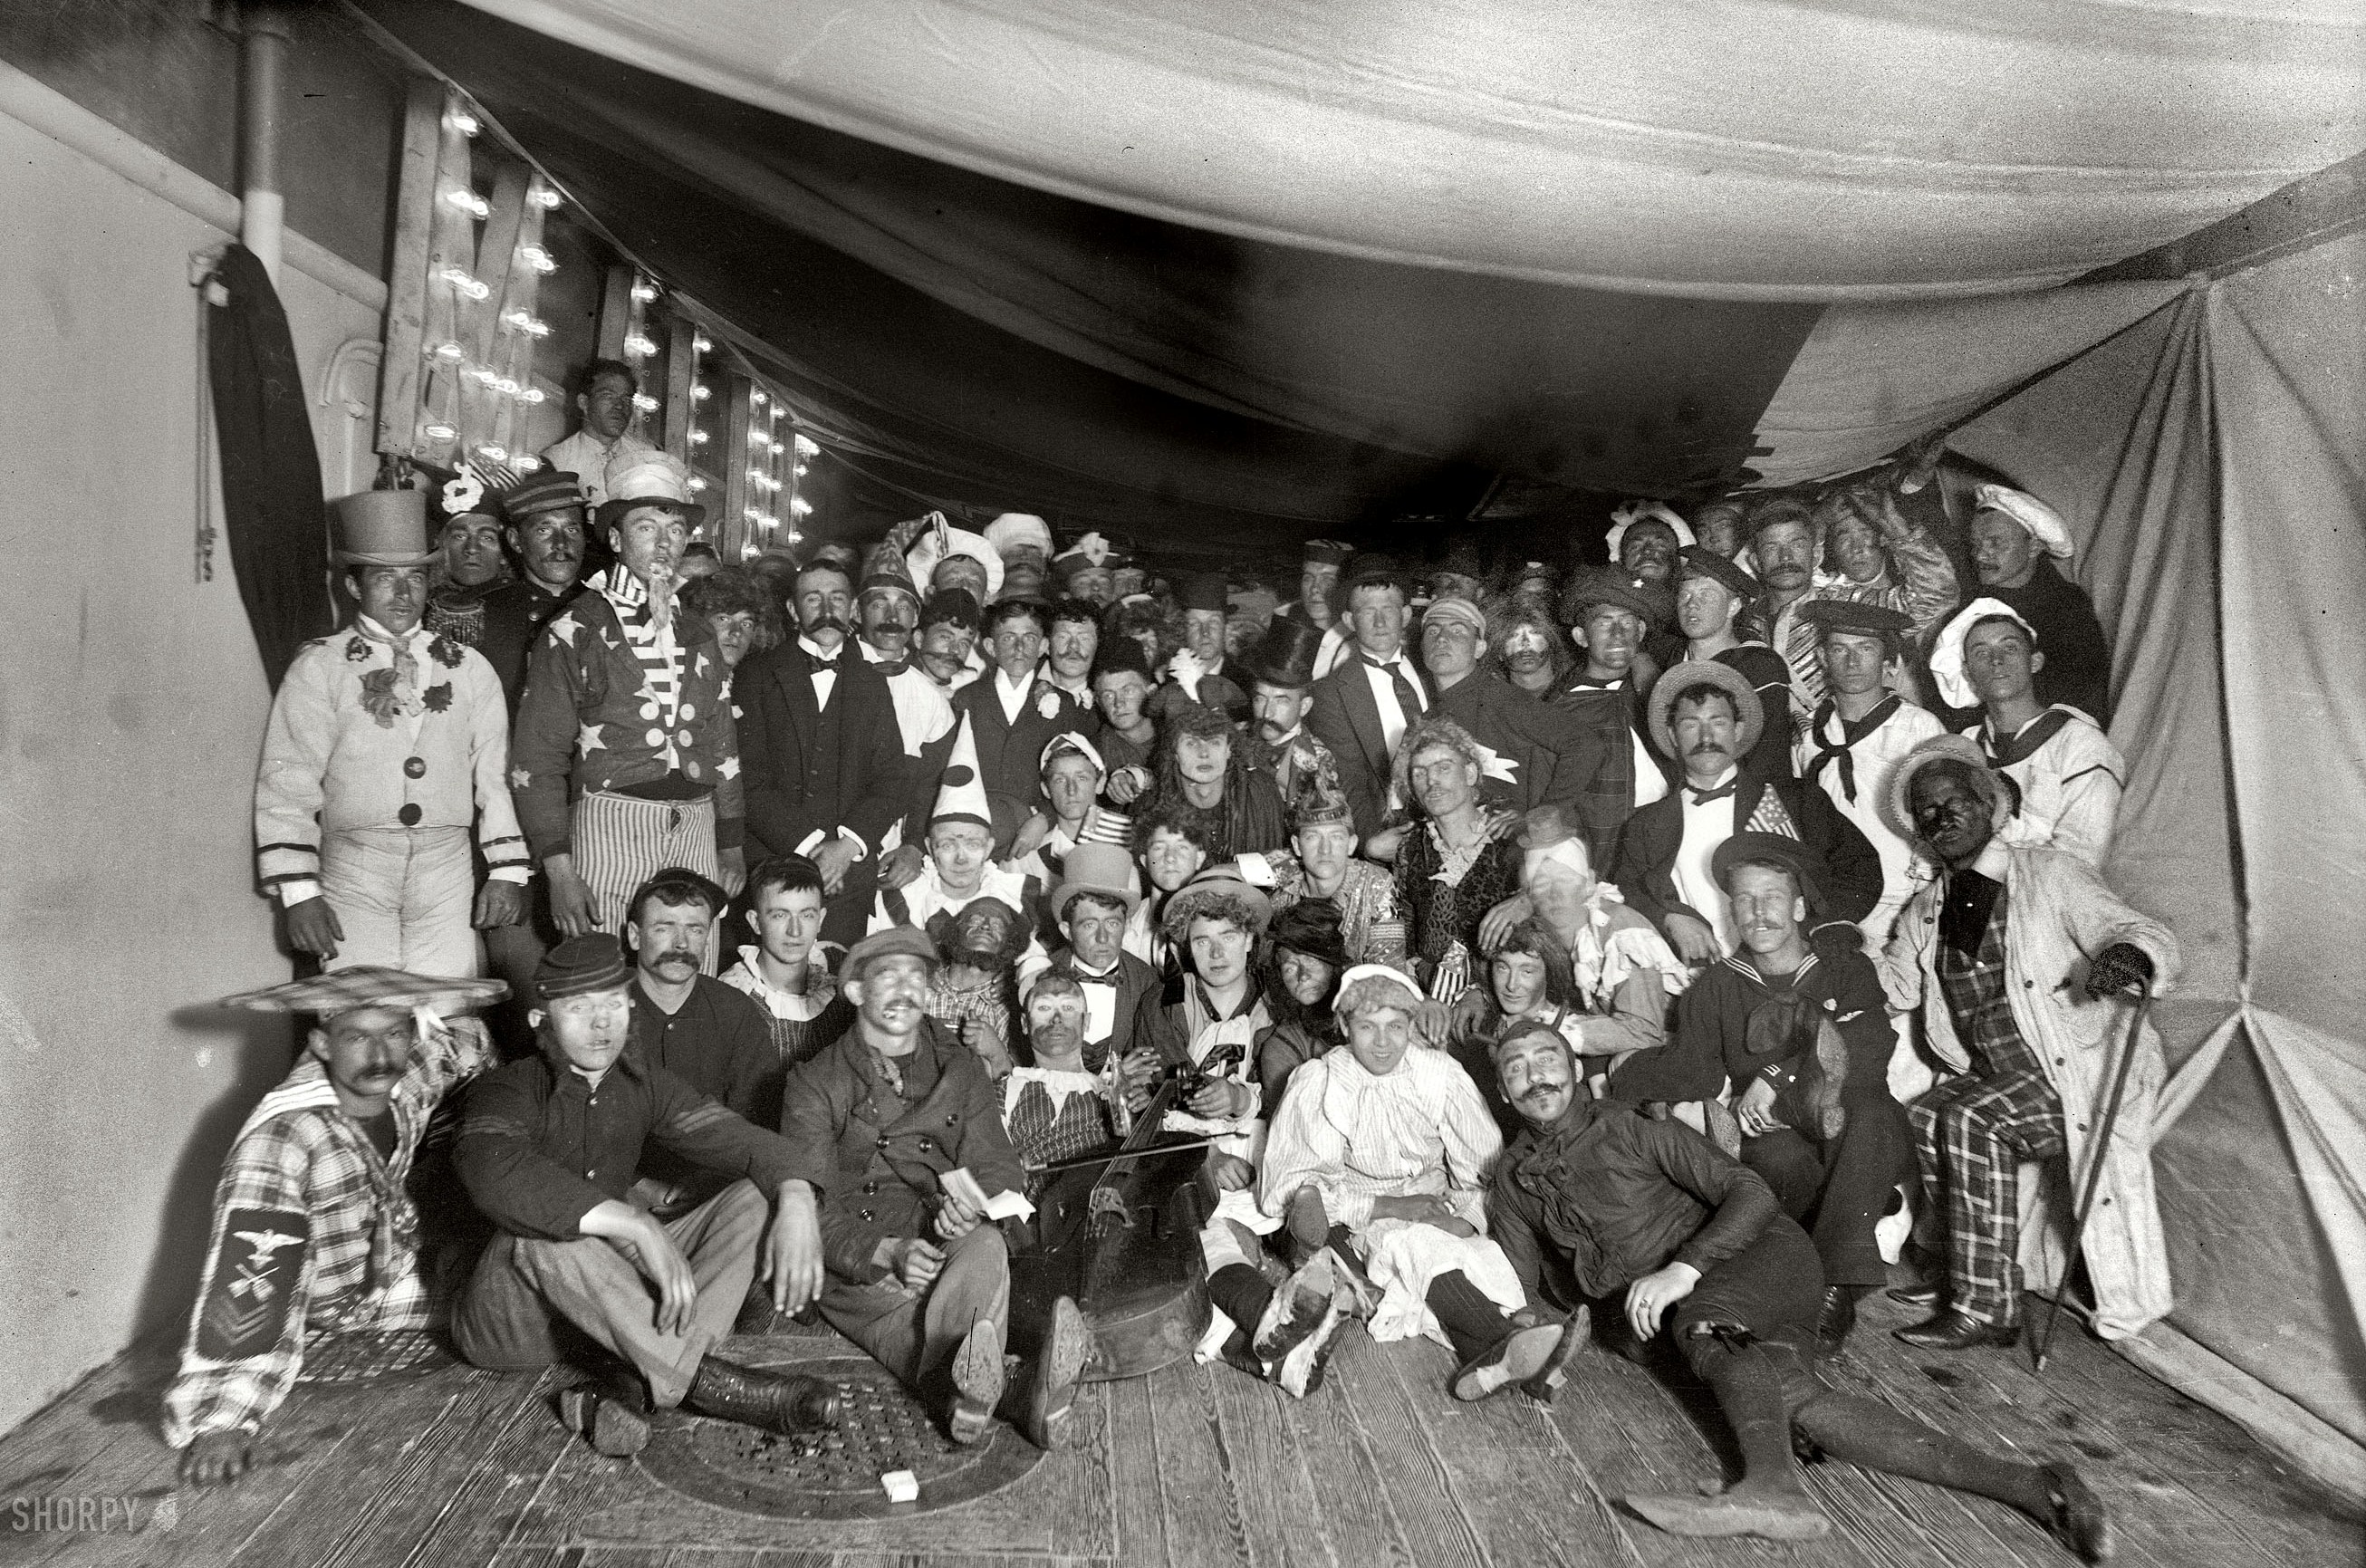 Marinari la bordul bastimentului USS MAINE (în 1896), cu doi ani înainte de explozia din portul Havana, care a ucis cea mai mare parte a echipajului și a precipitat războiul spaniol-american.